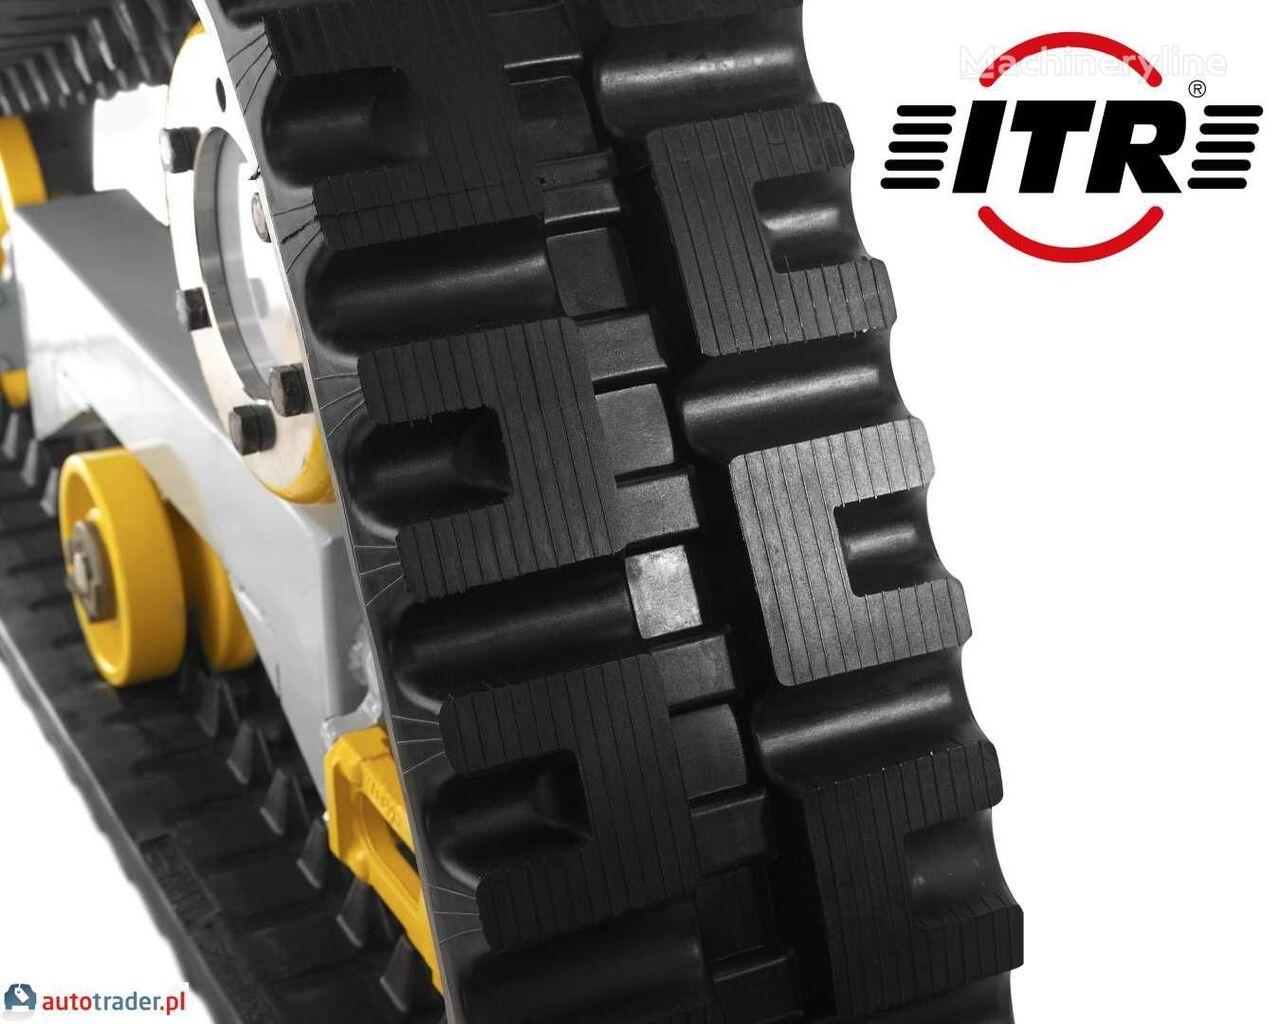 track chain for ITR PEL JOB LS406 2016r ITR mini digger